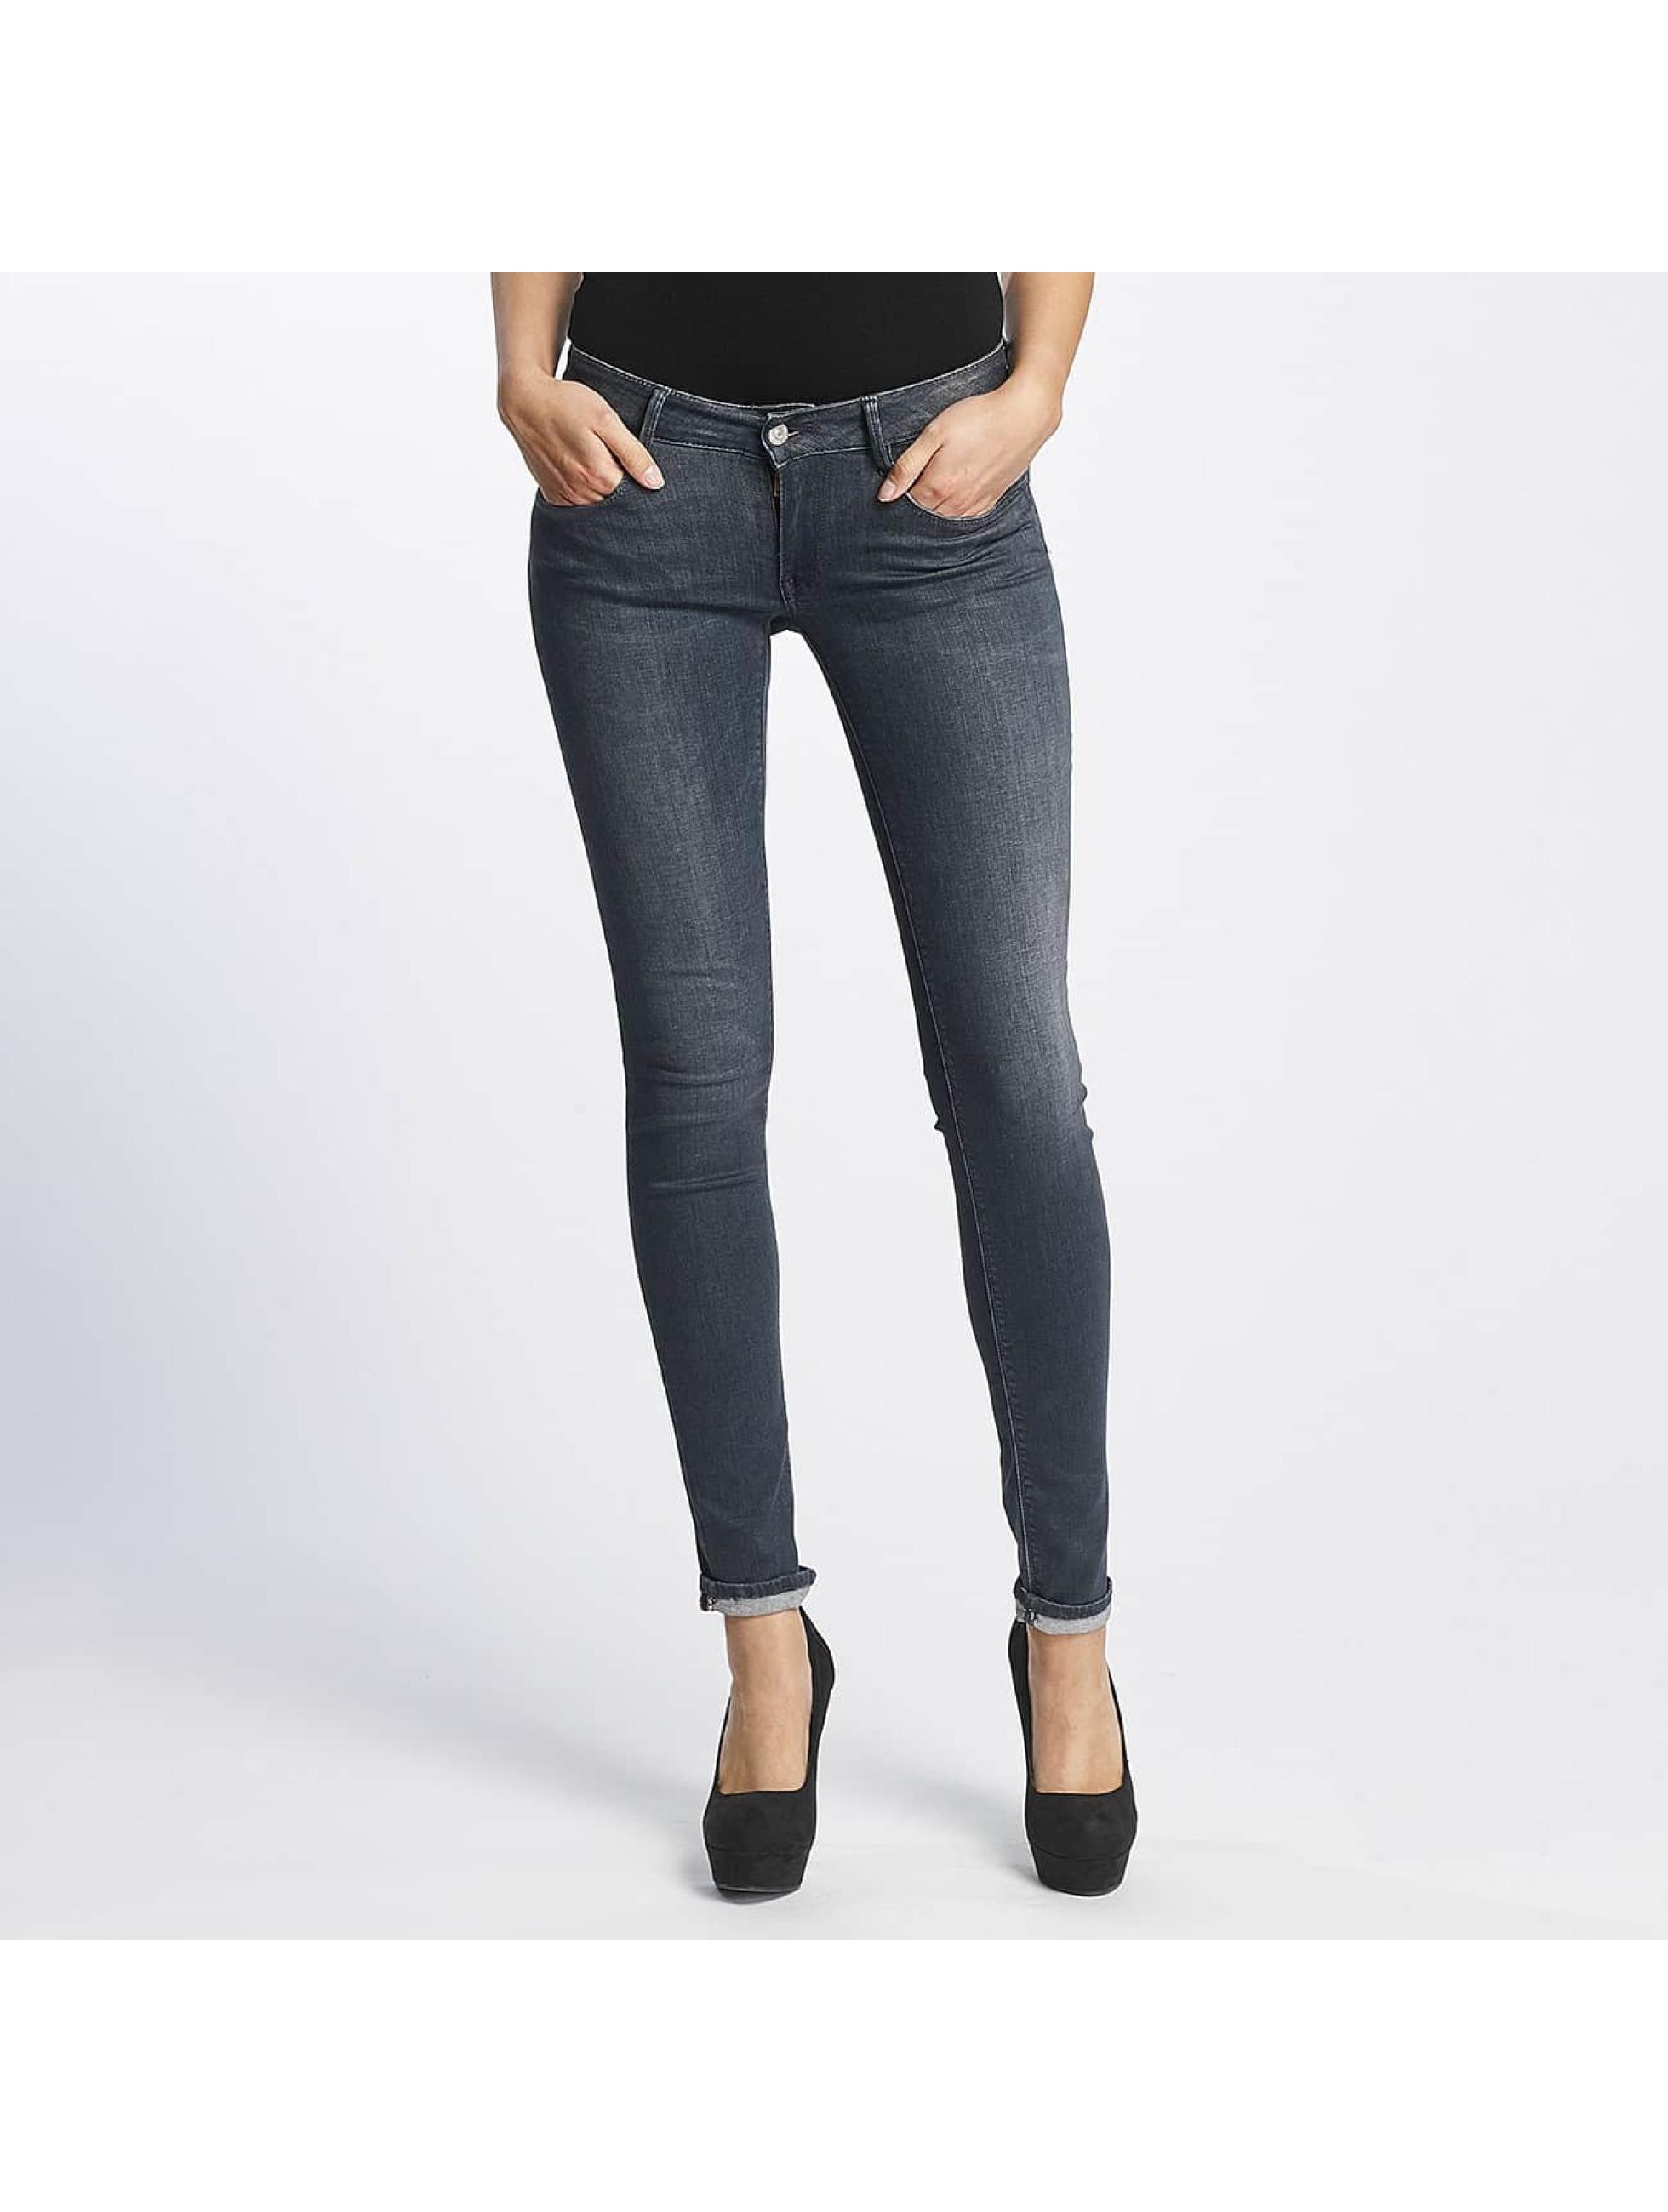 Le Temps Des Cerises Frauen Slim Fit Jeans Pulp Slim Fit in grau